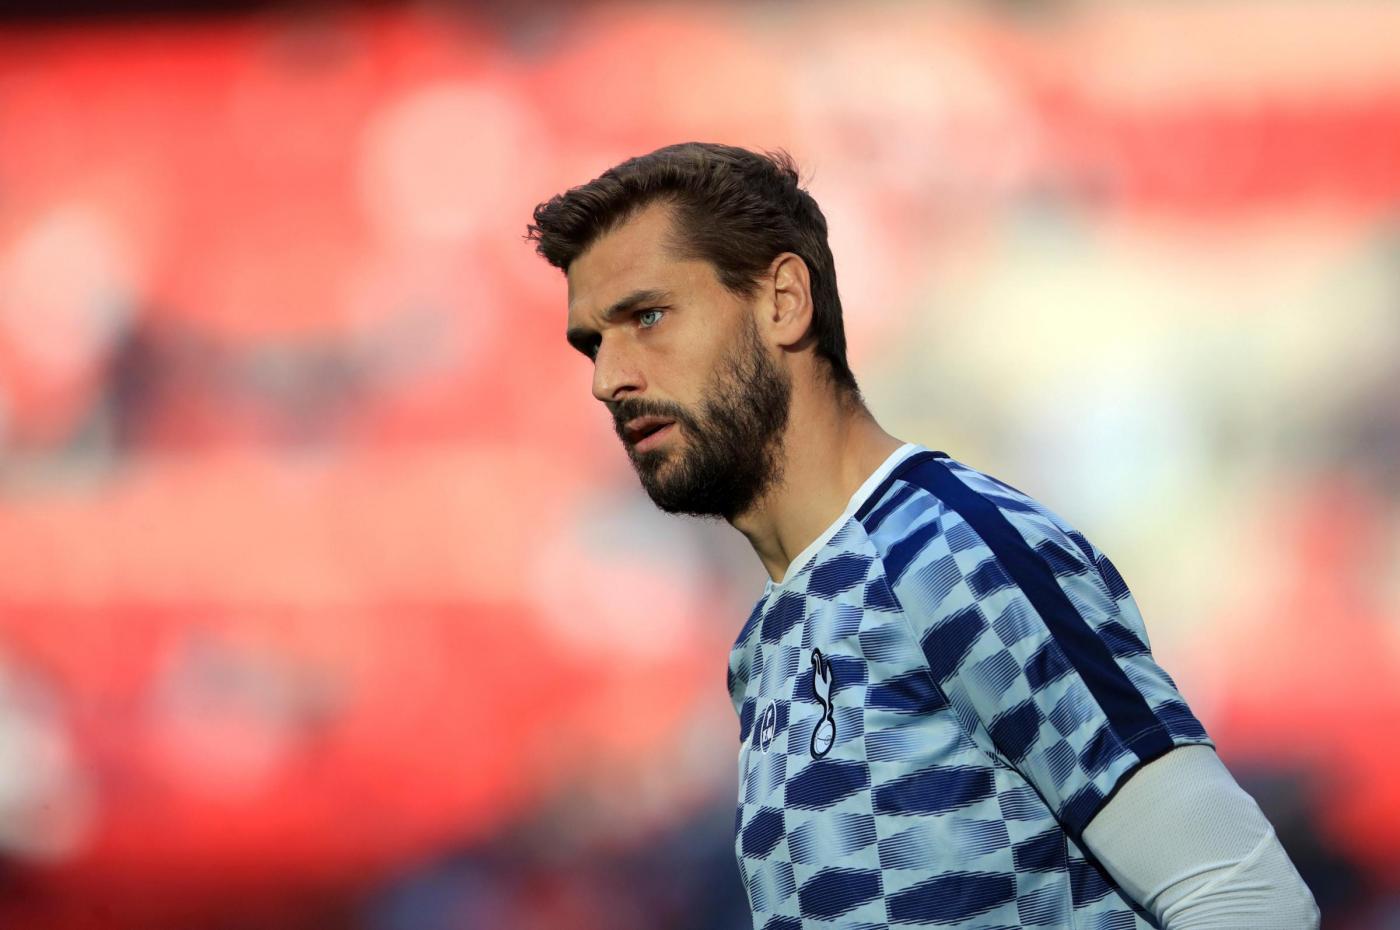 Fernando Llorente (Siviglia, Swansea e Tottenham) - Dopo due buone stagioni alla Juve (in particolare la prima), torna in Spagna con il Siviglia dove ha un ruolo da comprimario. Poi va allo Swansea, club di basso profilo inglese e infine al Tottenham, dove ricopre il ruolo di vice-Kane (e non gioca quasi mai).